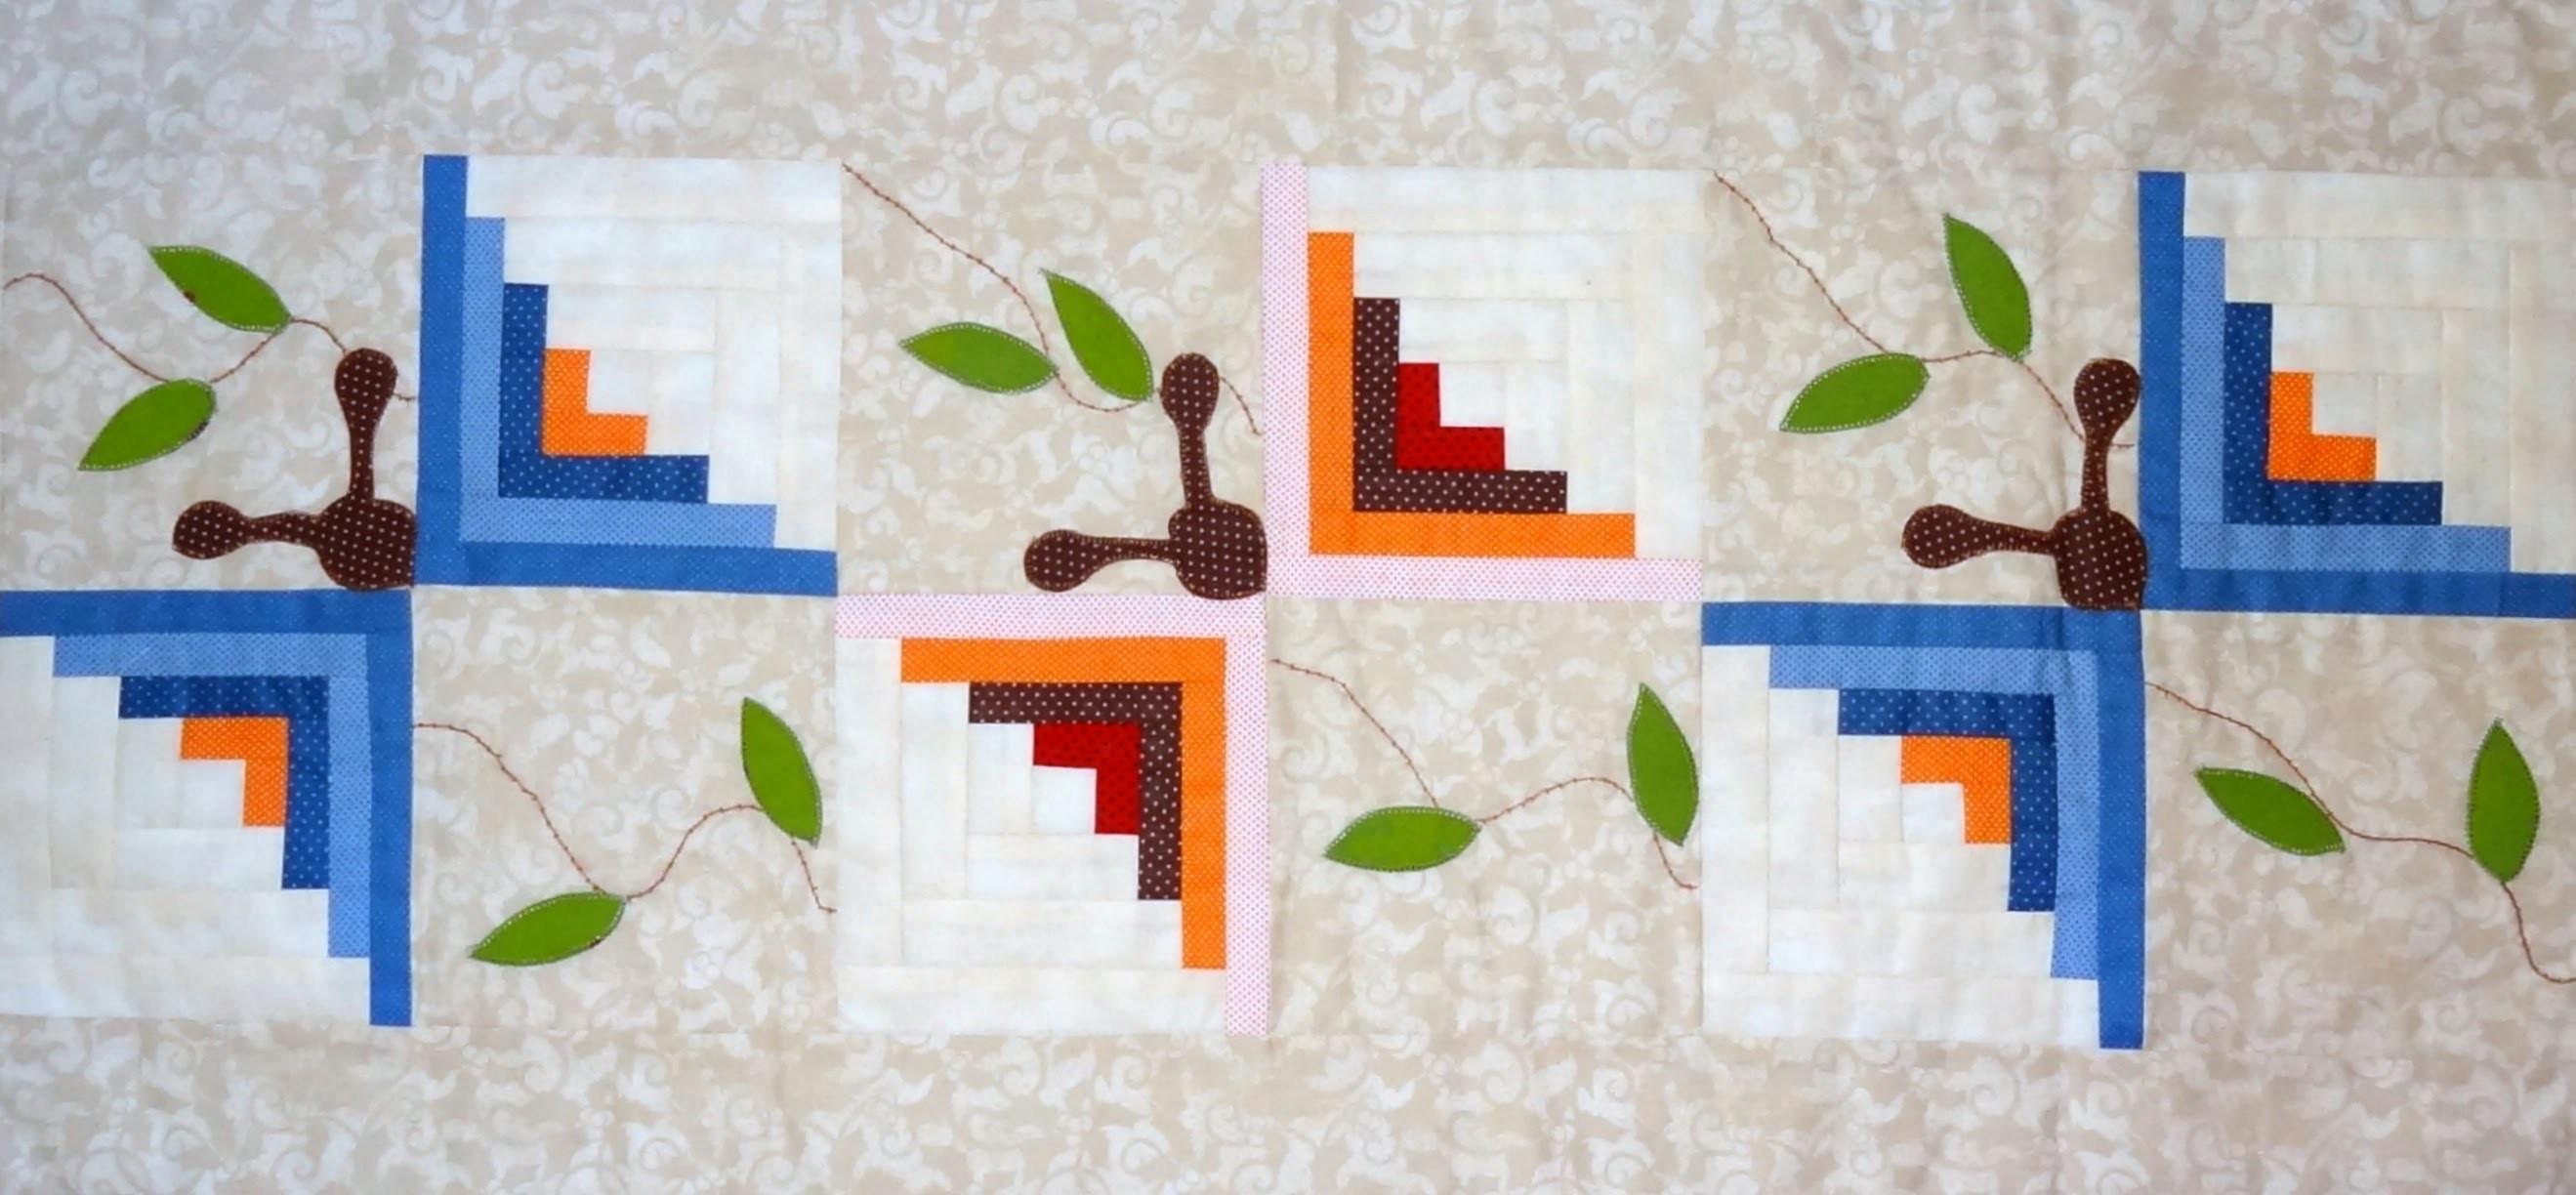 Patchwork Maria Adna - Caminho de mesa - Patchwork - Trilho de mesa em patchwork